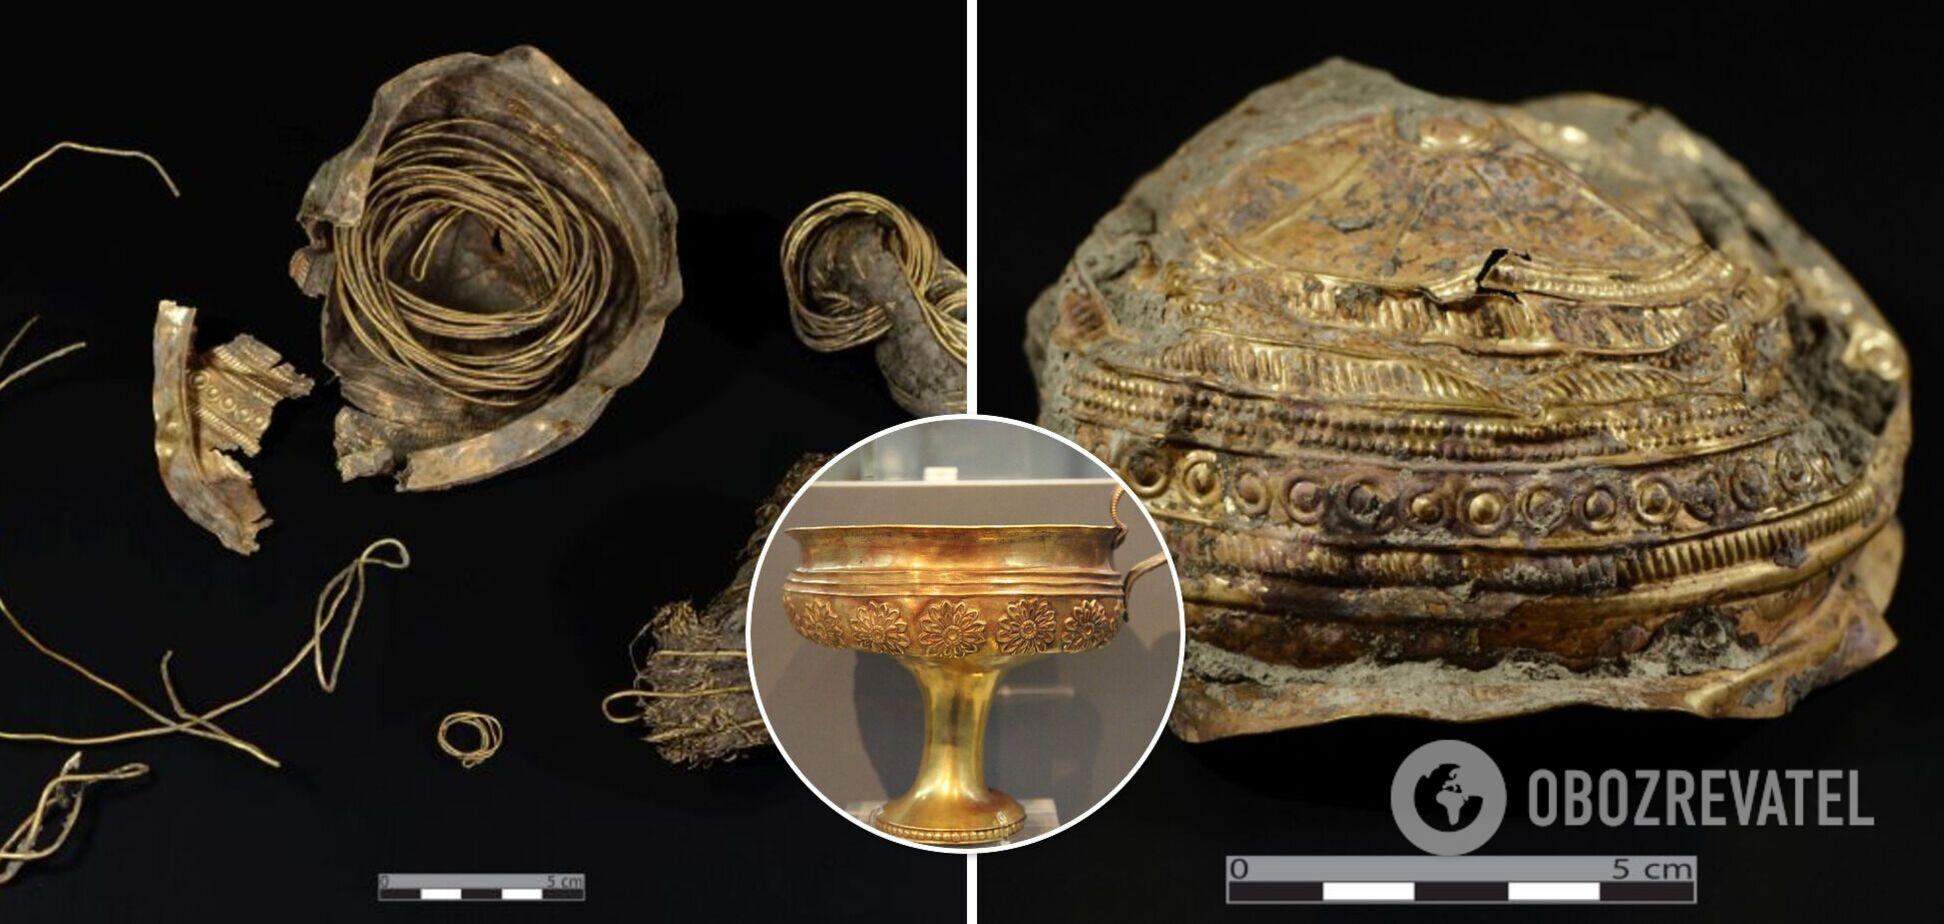 В Австрії під час розкопок знайшли золоту чашу, якій близько 3 тис. років. Фото